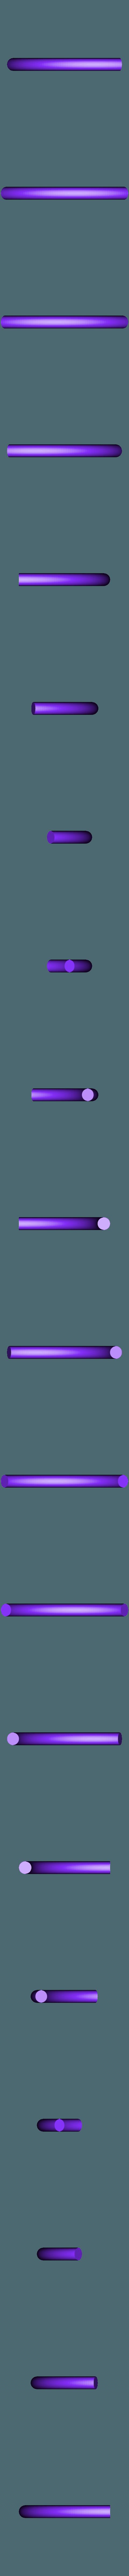 axle_3_90.STL Télécharger fichier STL gratuit MEGA Expansion 200+ Pièces • Plan à imprimer en 3D, Pwentey